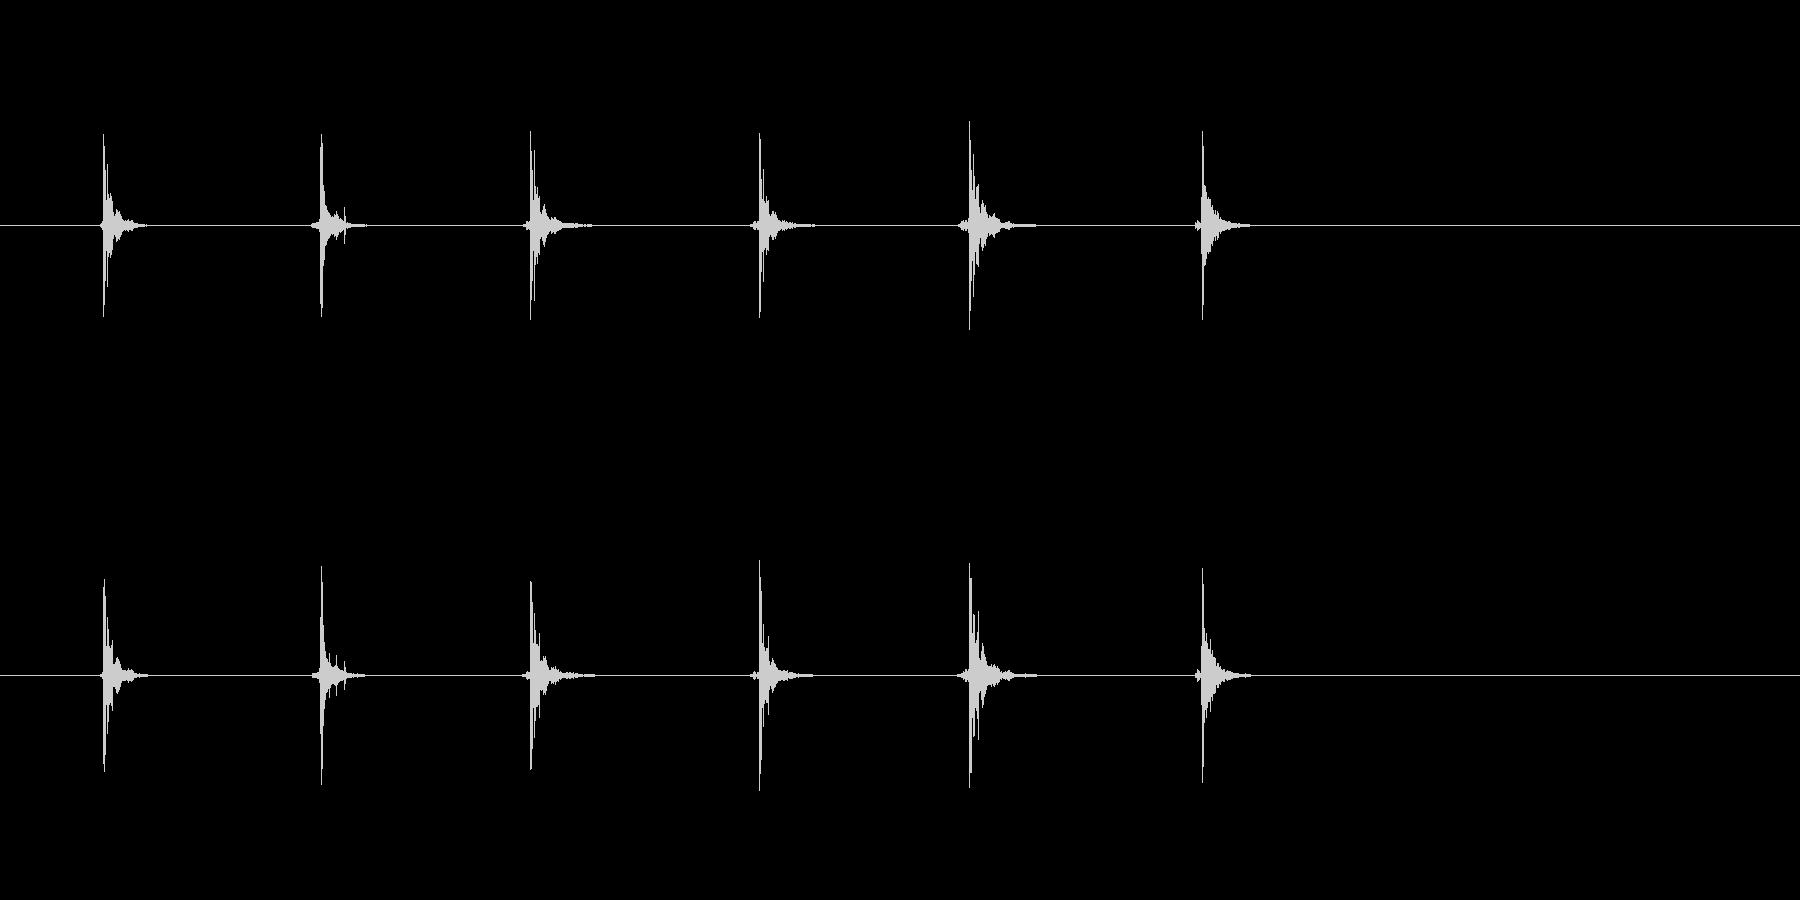 フェイスパンチ(6x);六、顔に高...の未再生の波形